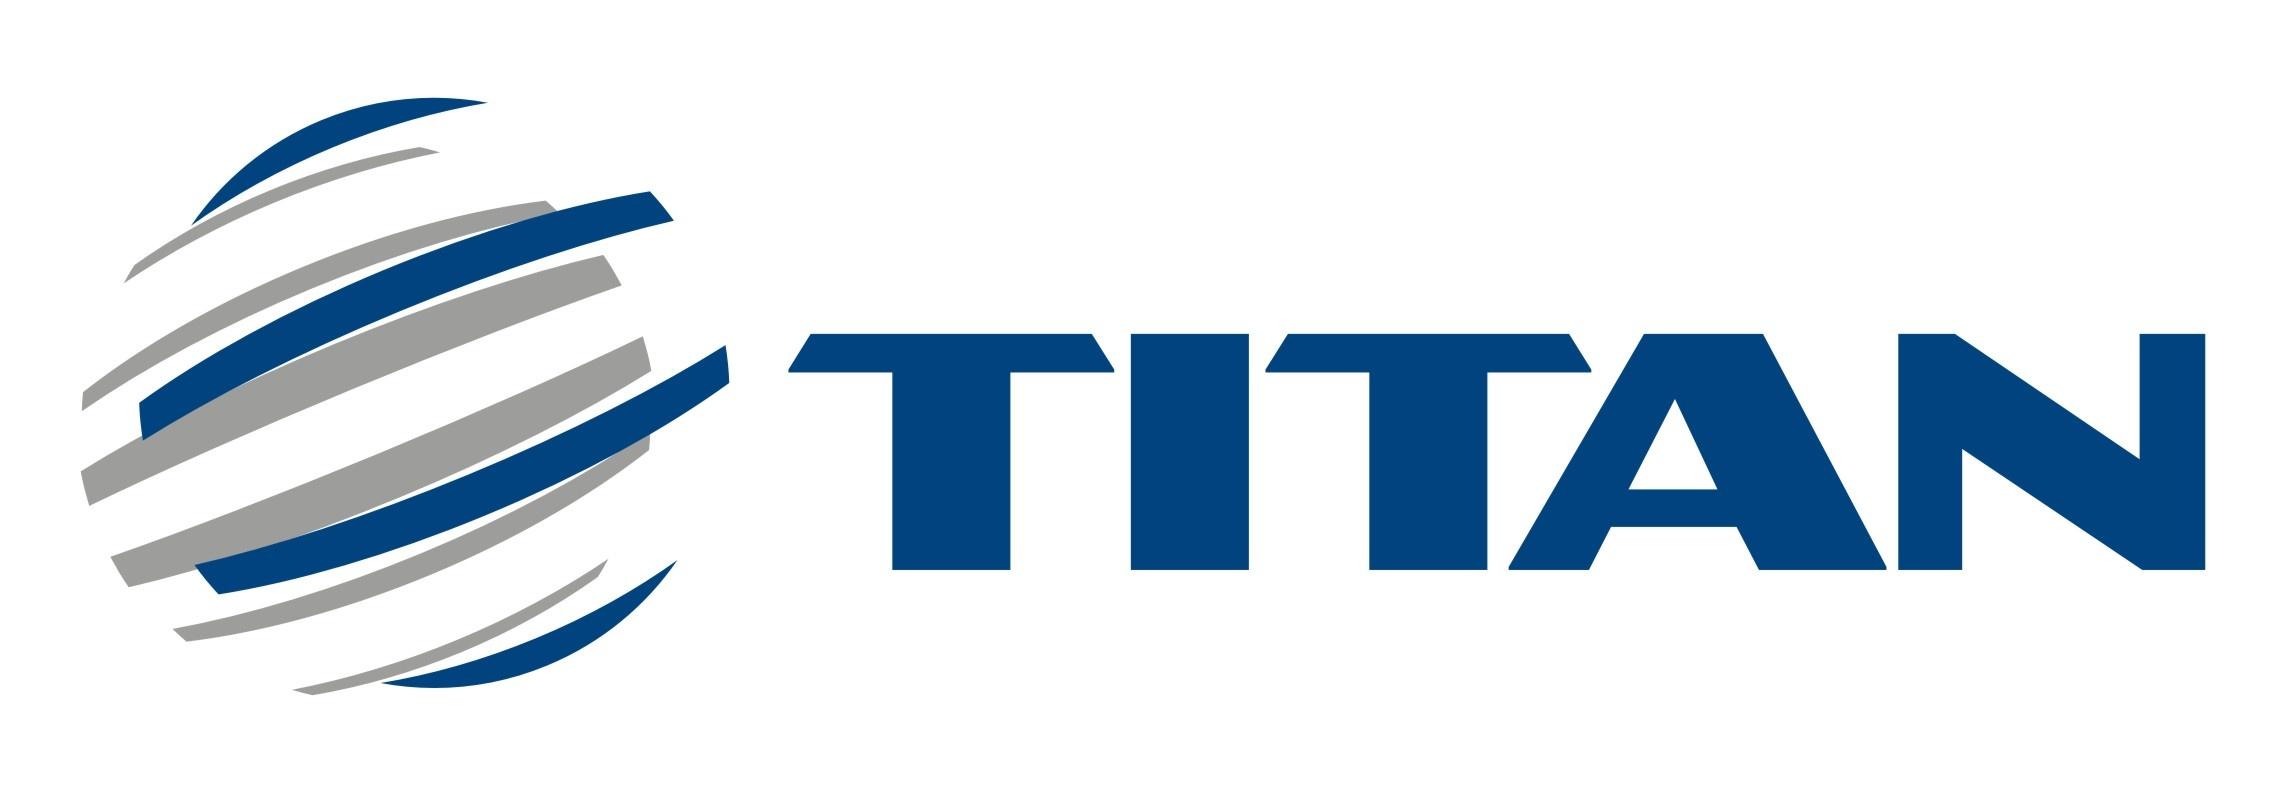 Link to TITAN website